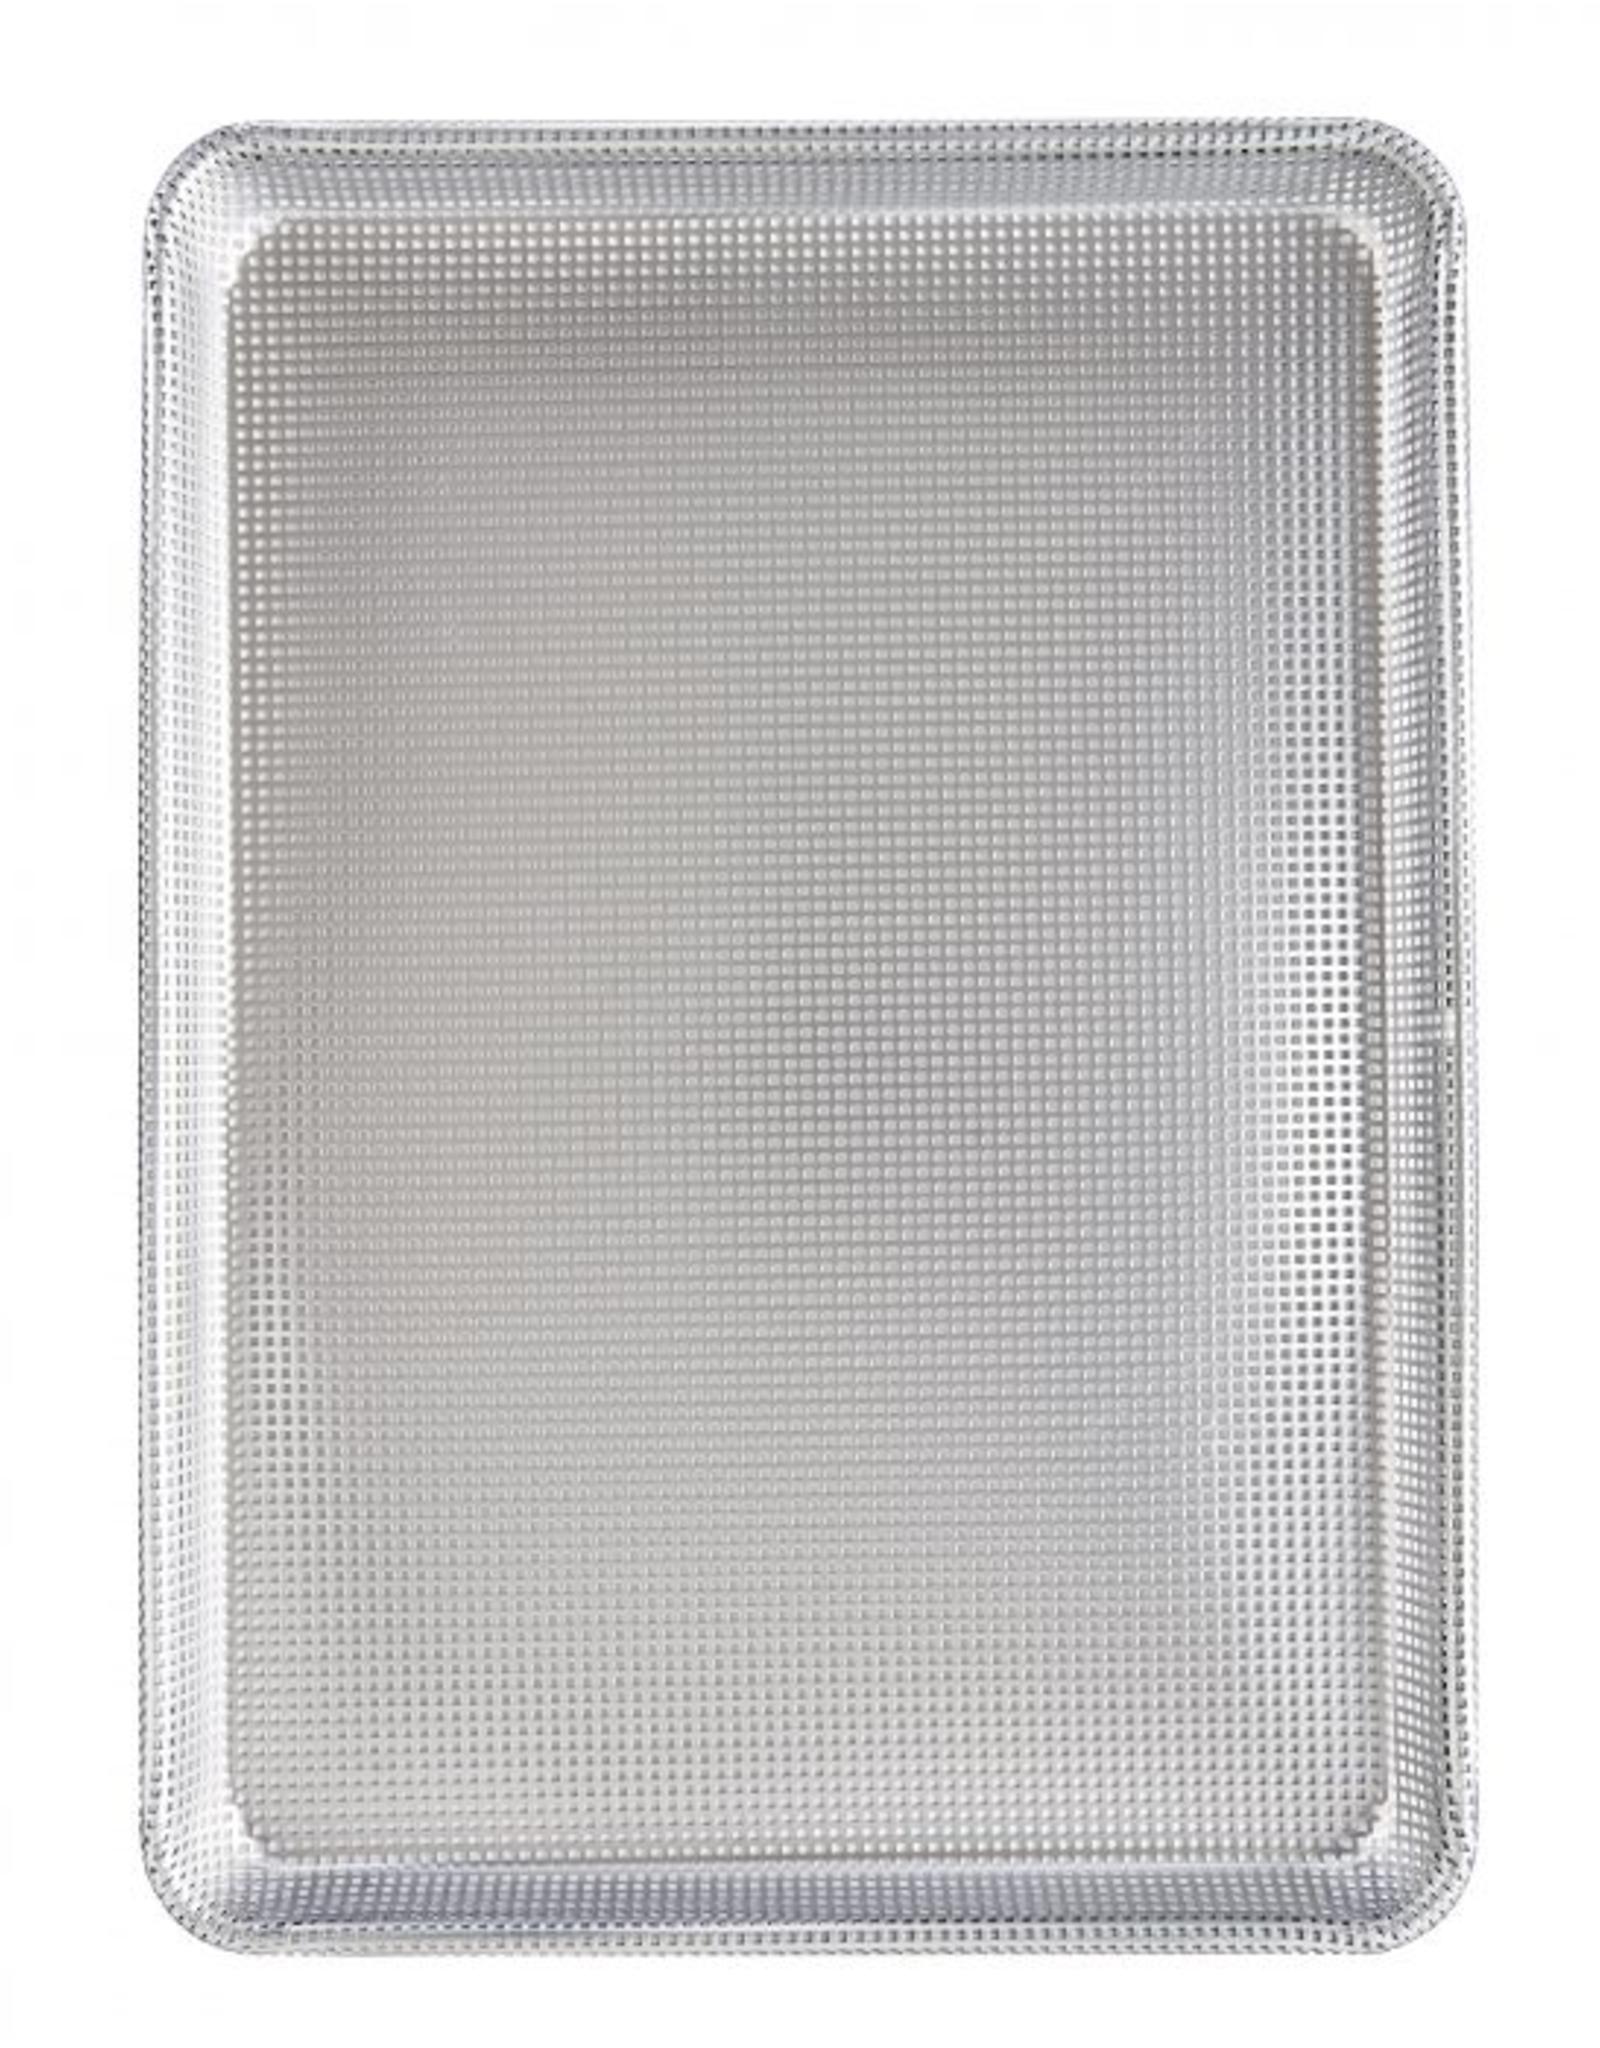 Harold Import Company Inc. Half-Sheet Perforated Crisping Pan